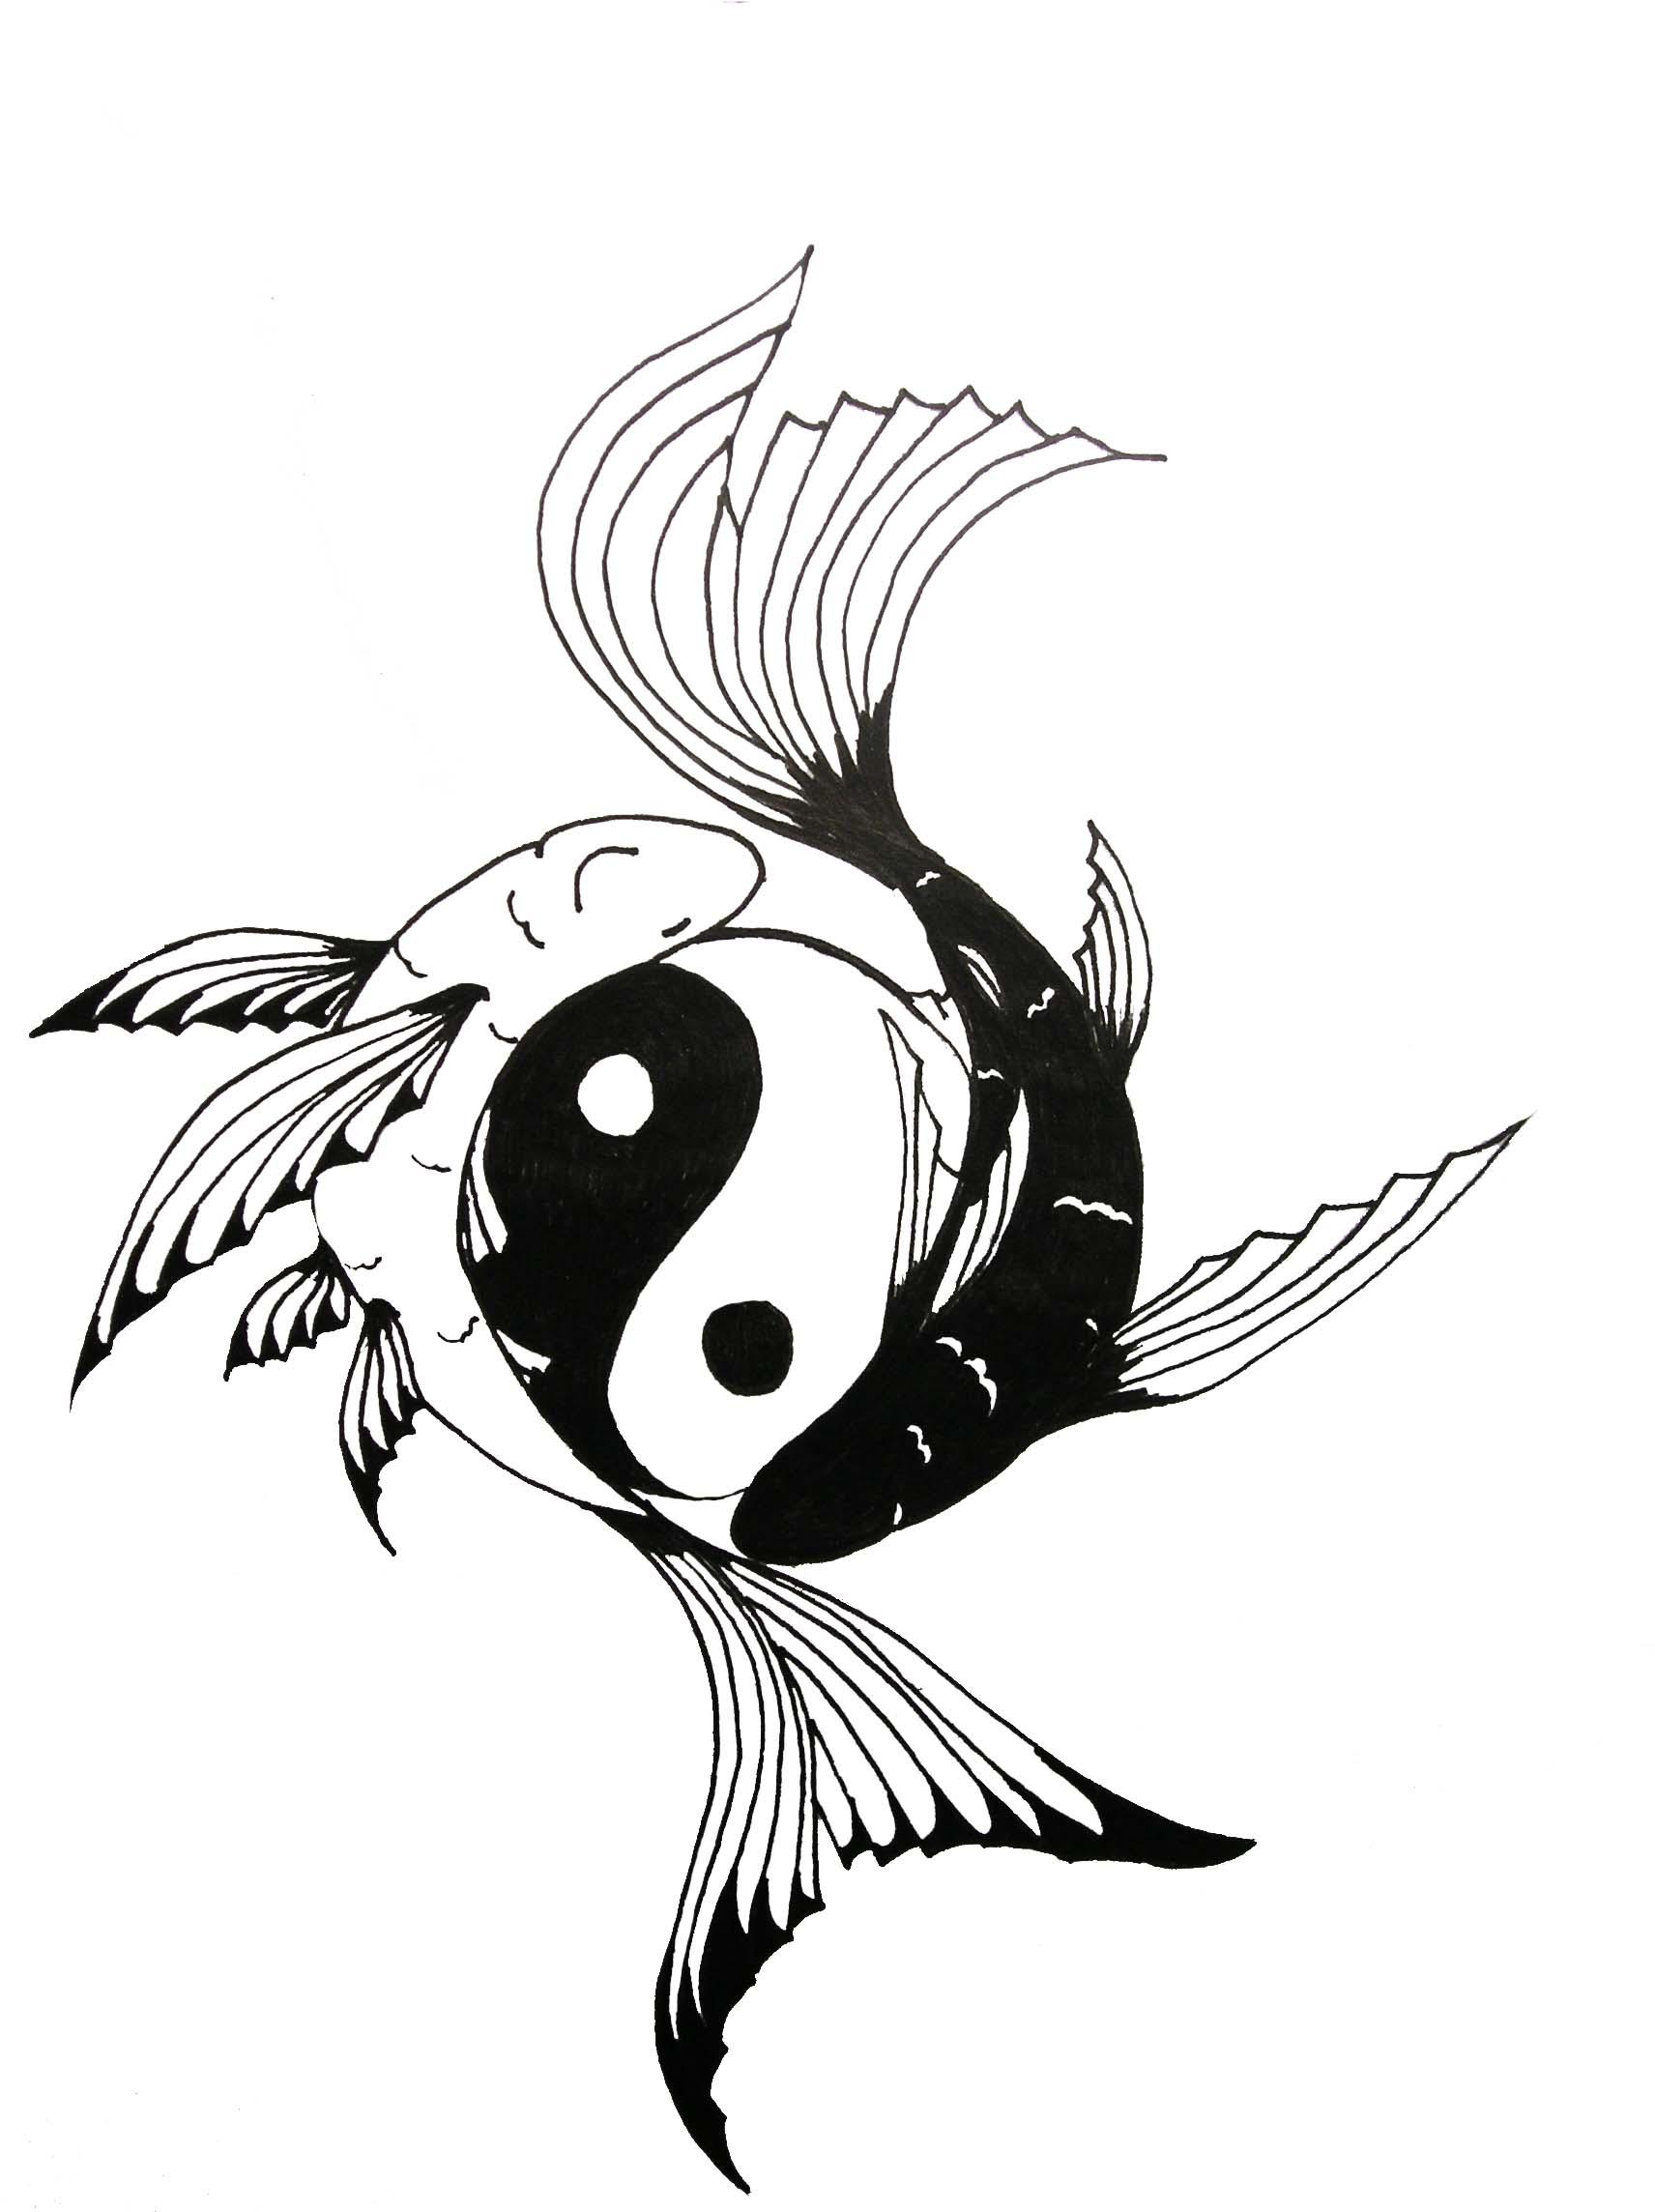 c1e5ab0bc Yin-Yang Tattoo by DarkMoon17 Yin-Yang Tattoo by DarkMoon17